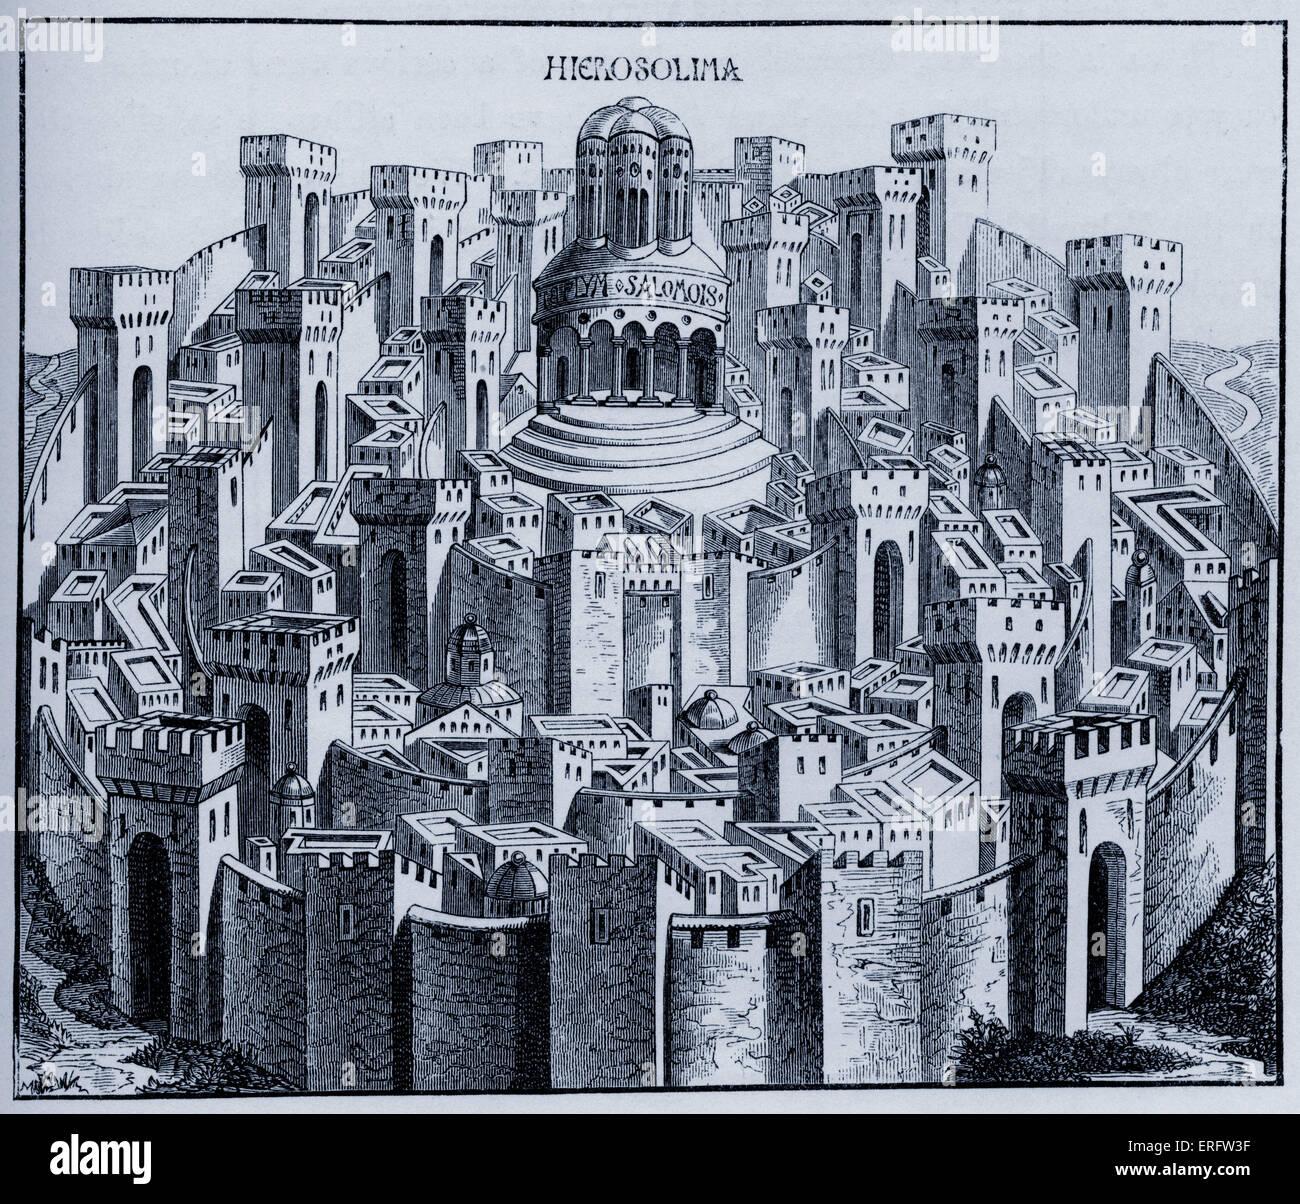 """Piano medievale di Gerusalemme. Da una xilografia nel """"Liber chronicarum mundi"""". Folio Norimberga 1493. Immagini Stock"""